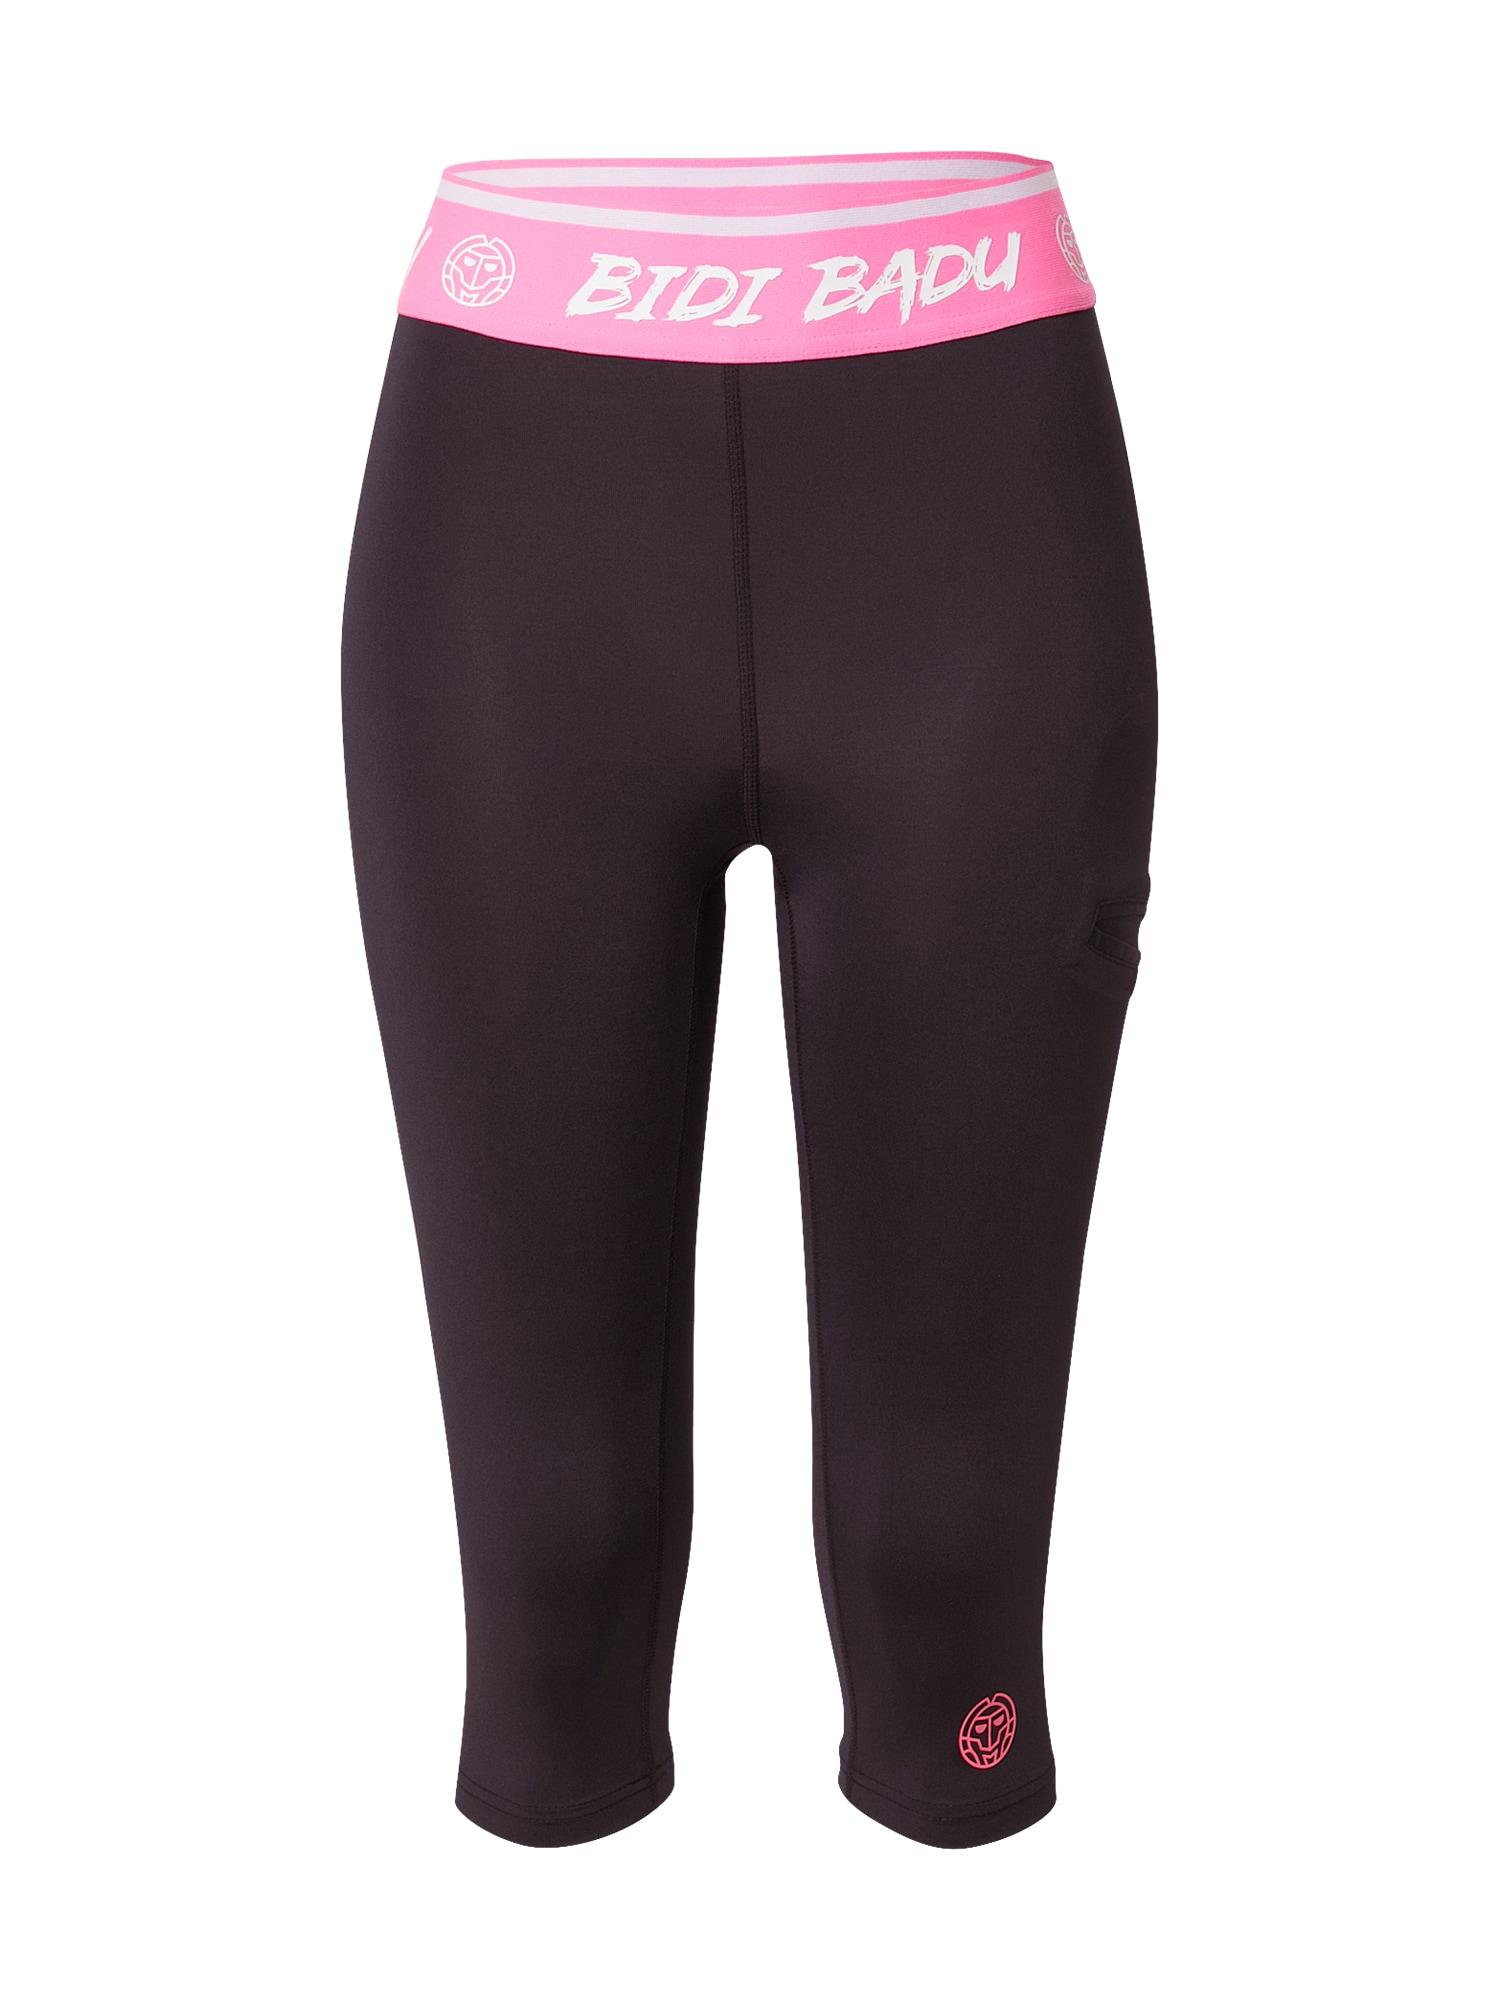 BIDI BADU Sportinės kelnės balta / rožinė / juoda